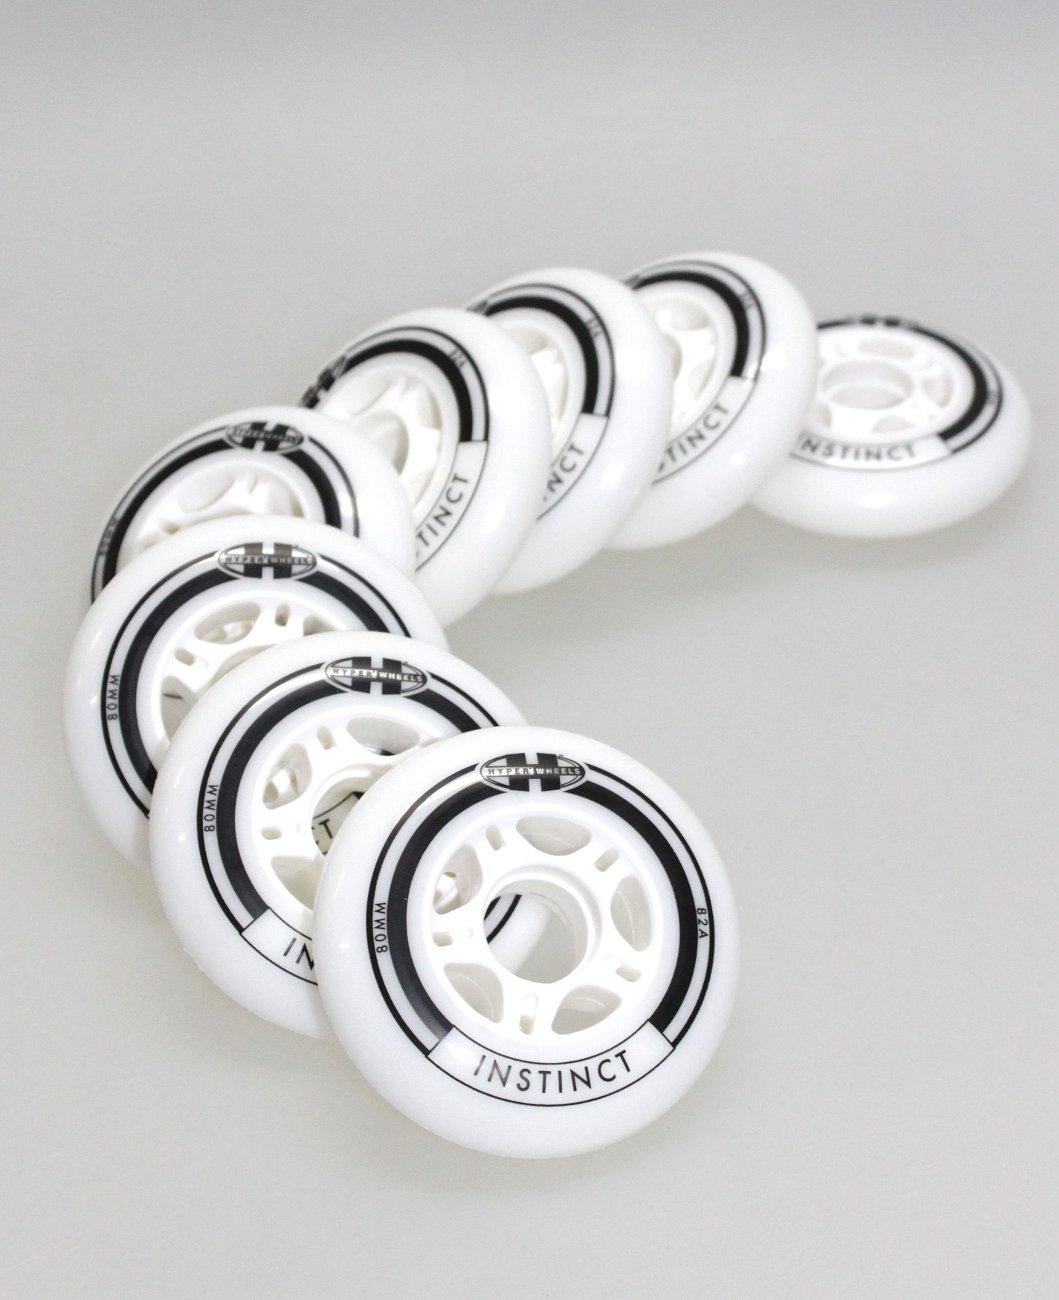 4/8er Set K2 Rollerblade Salomon Fila Roces Inliner Rolle HYPER Instinct Rolle 80mm/82a